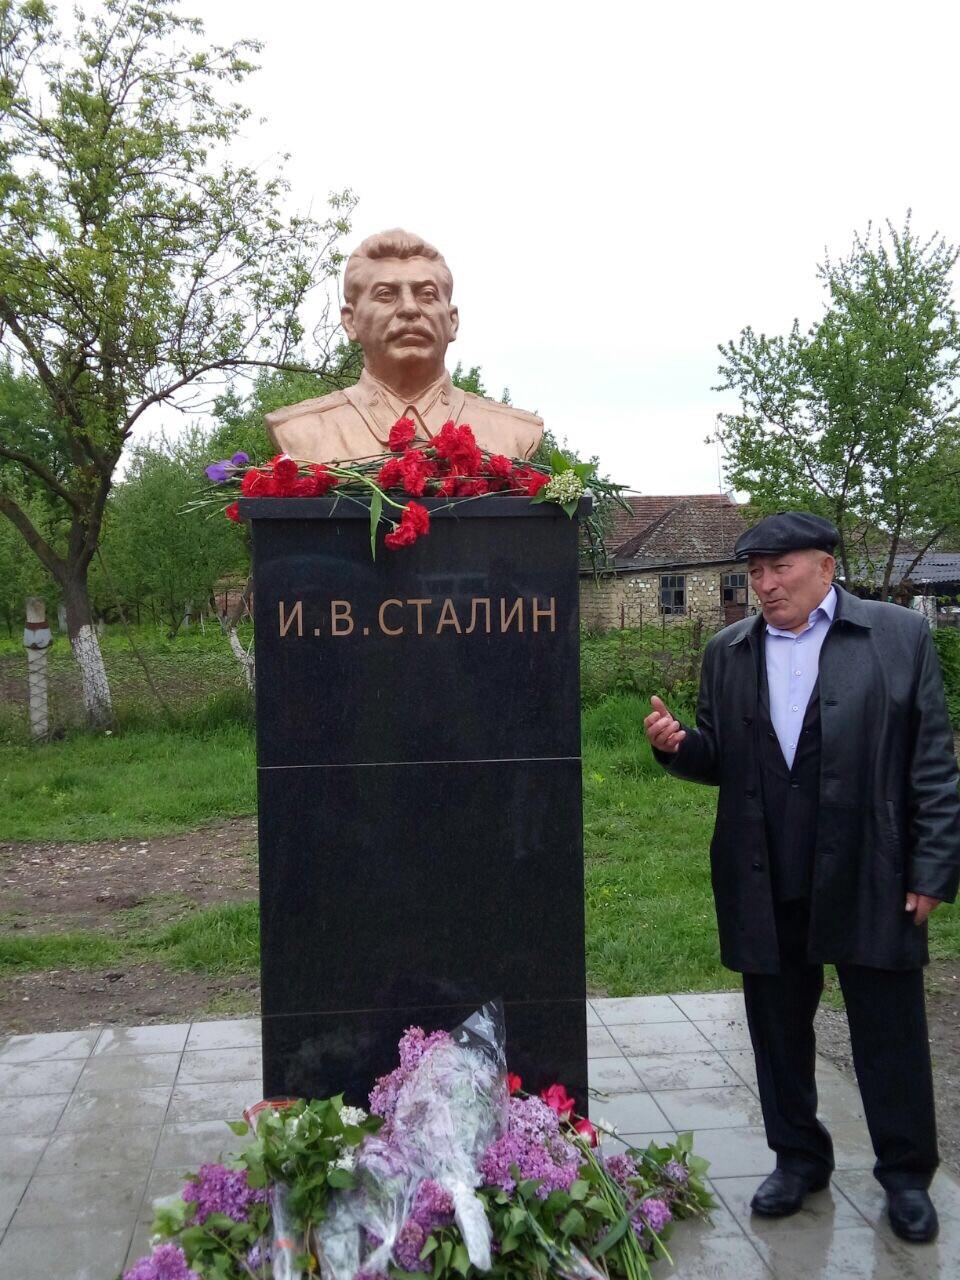 Село Красногор Ардонского района Северной Осетии. Бюст открыт 9 мая 2015-3.jpg